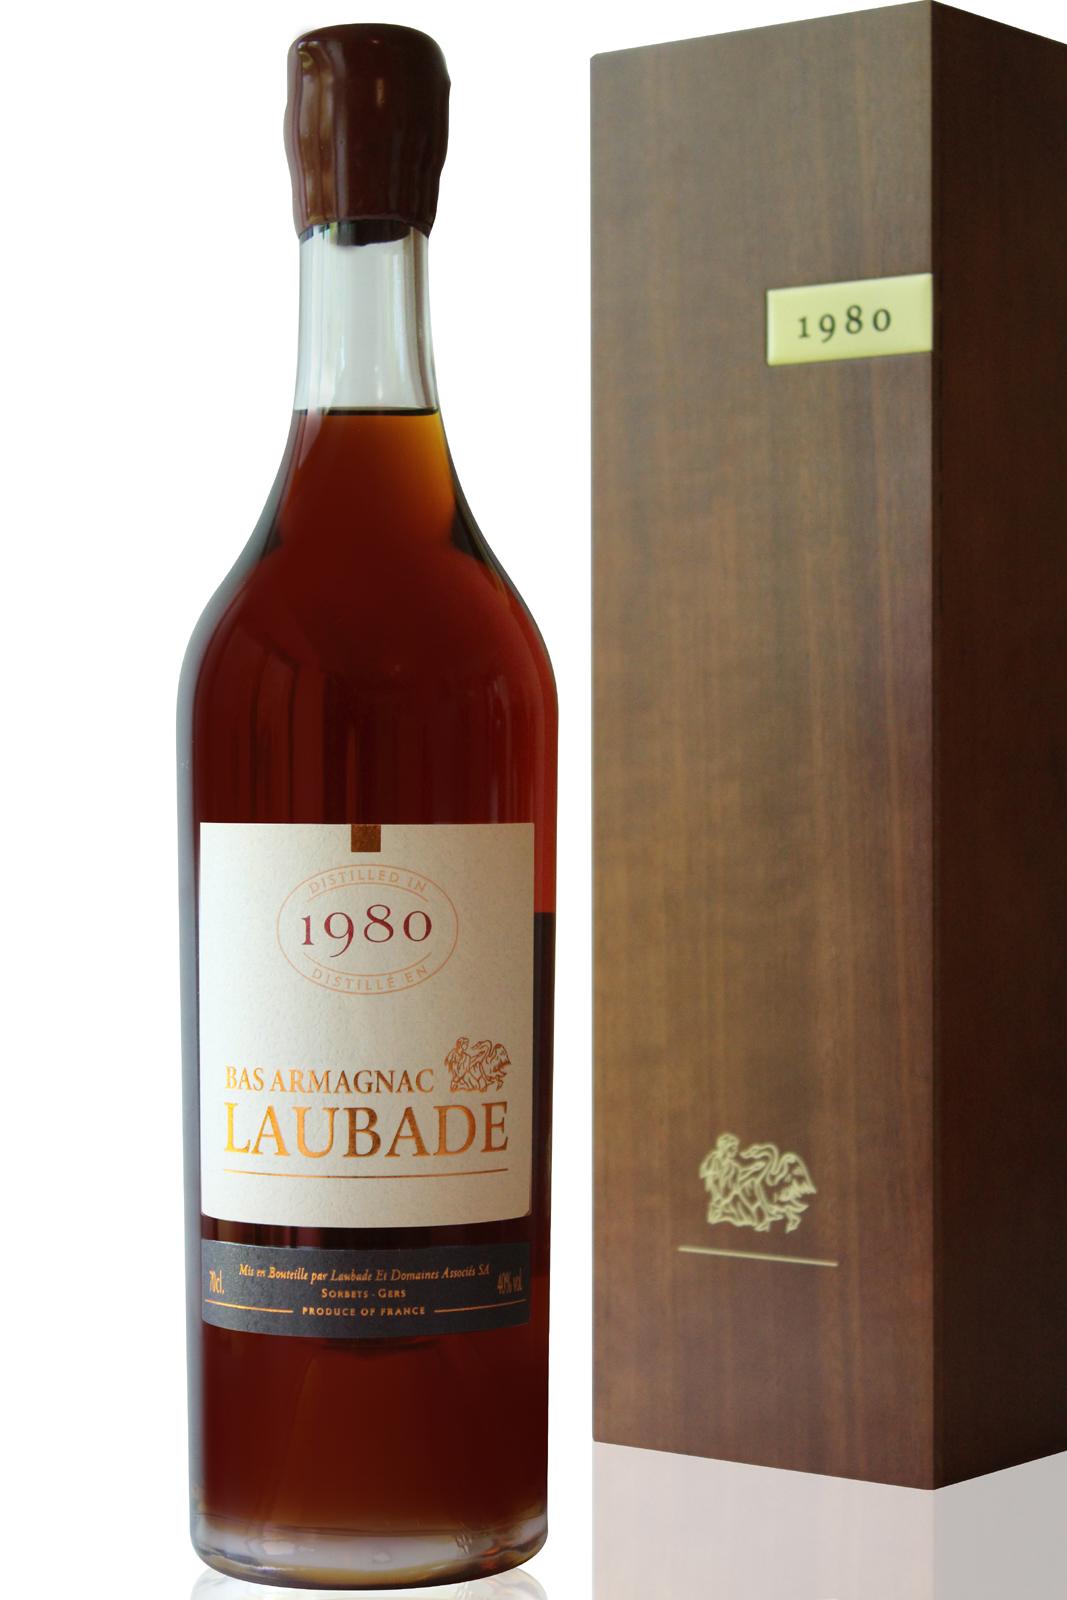 Bas Armagnac Laubade 1980 - 70cl